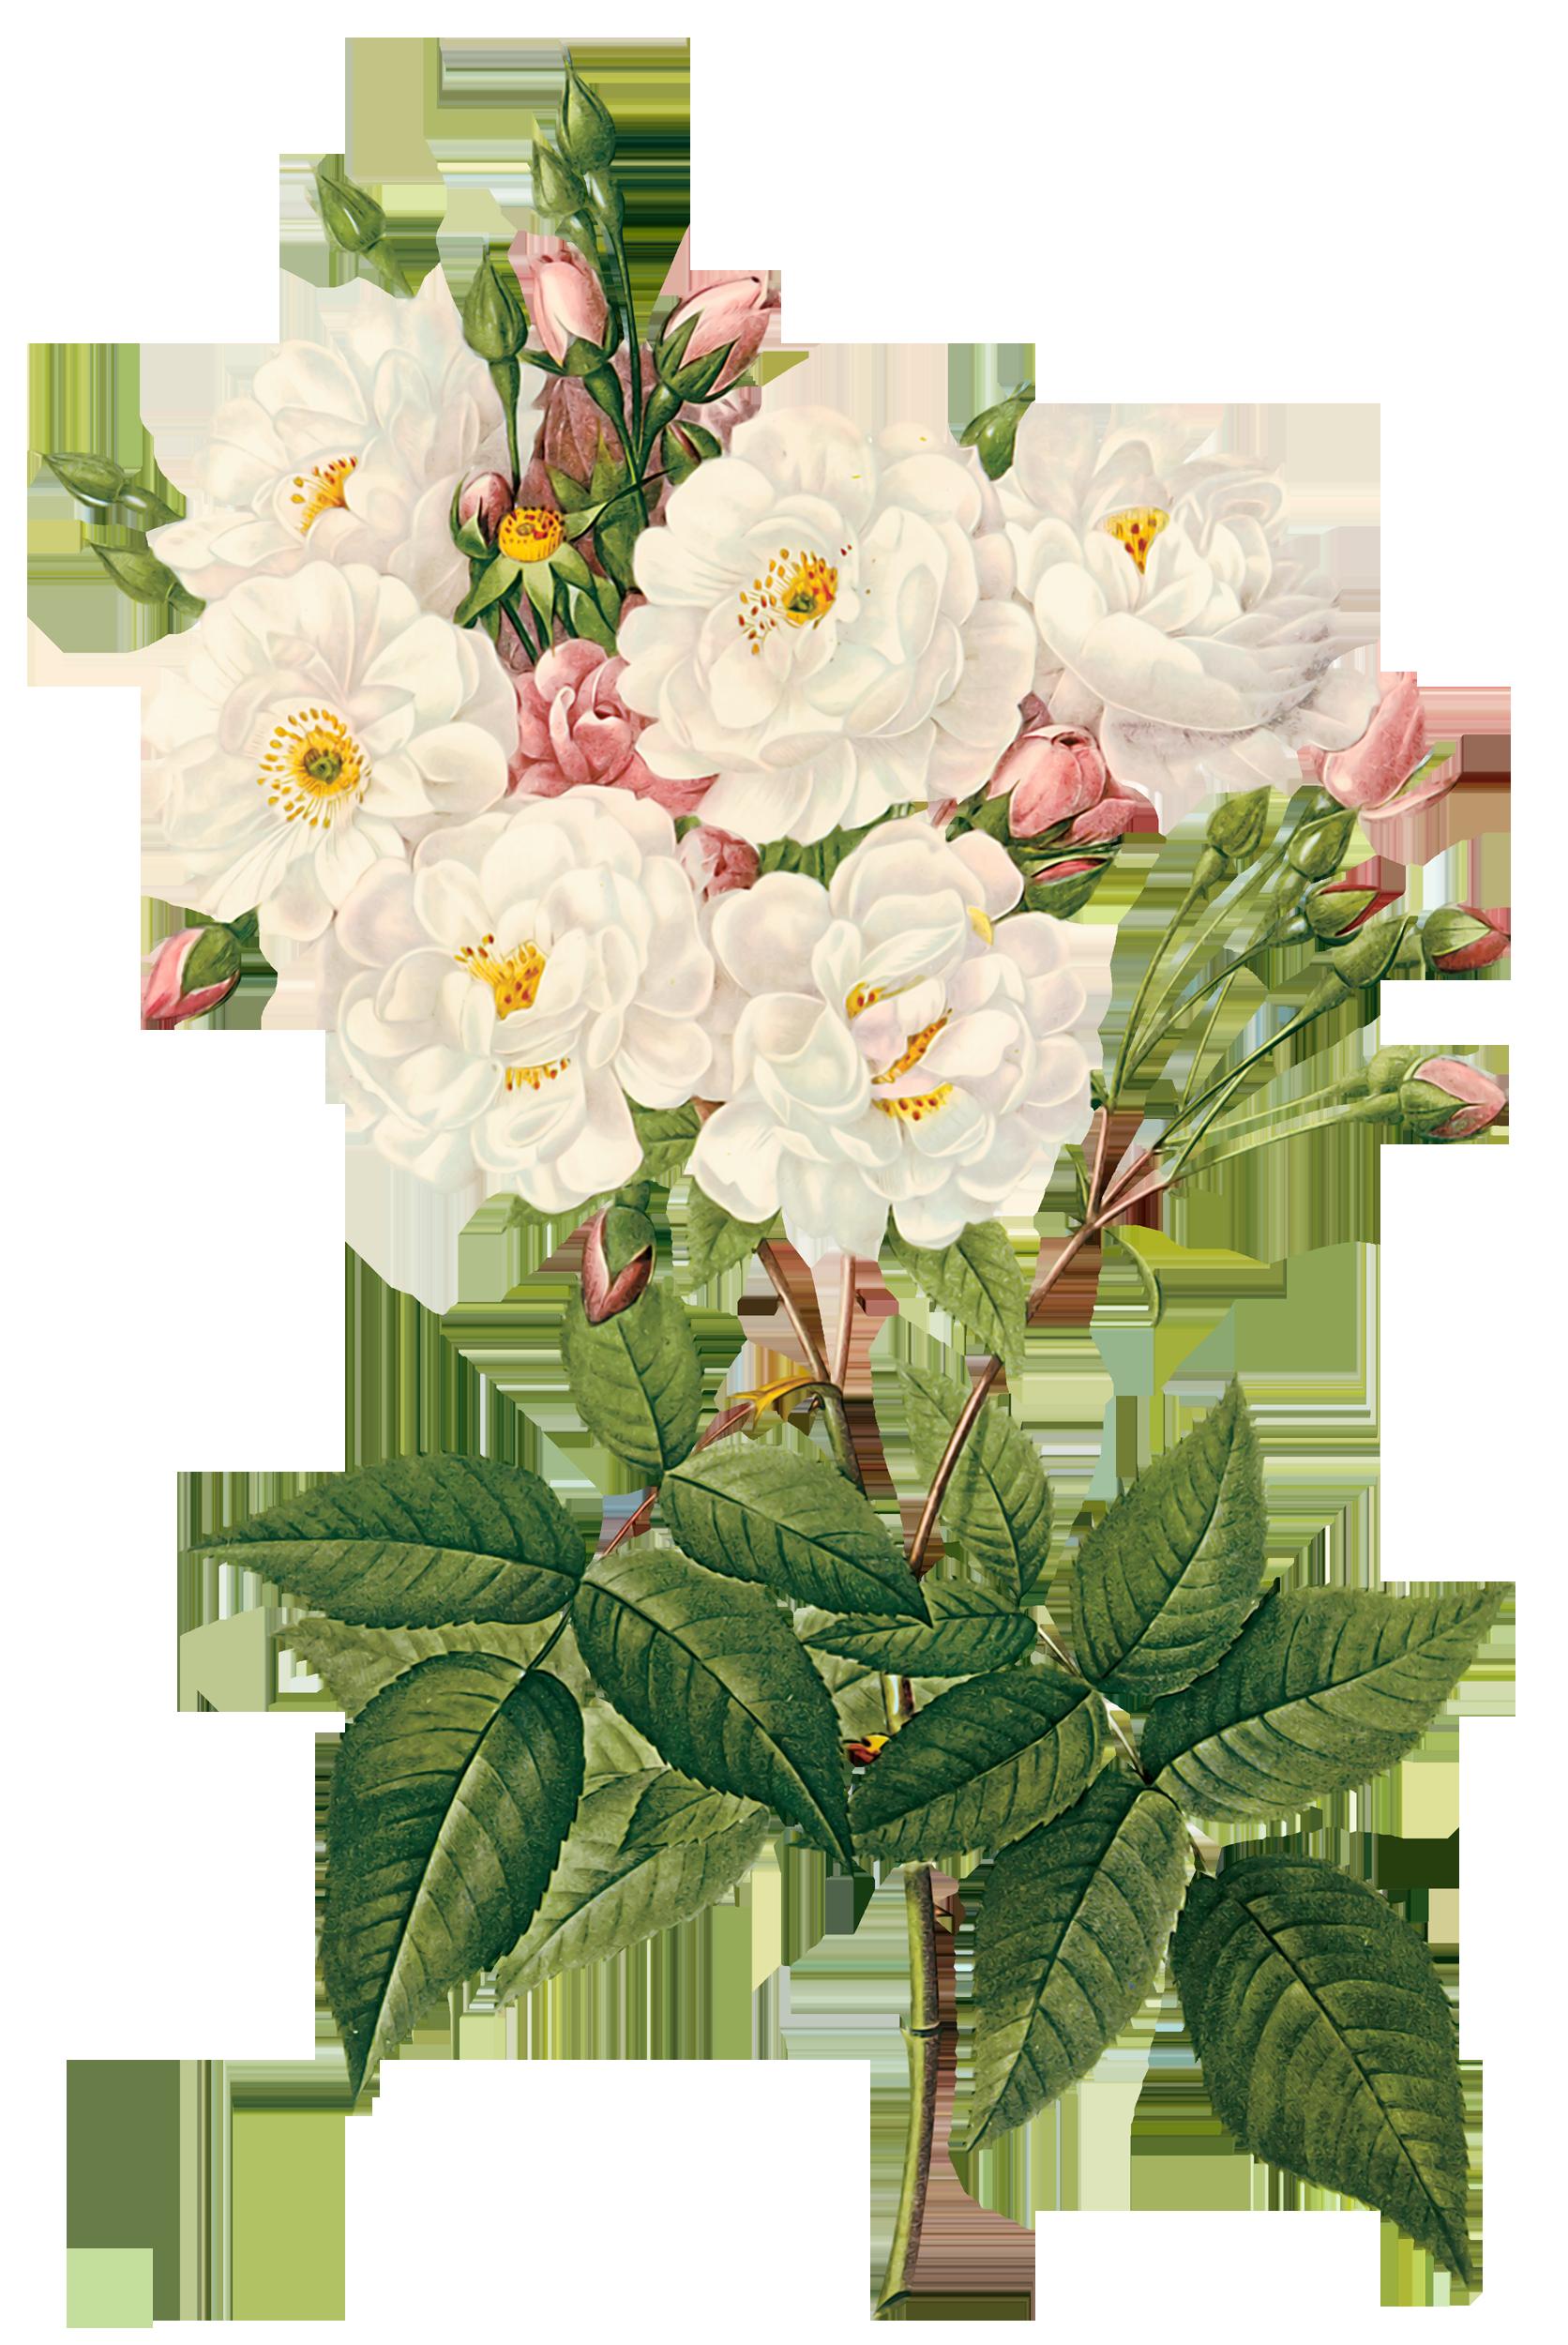 постер цветы на белом фоне этого, она